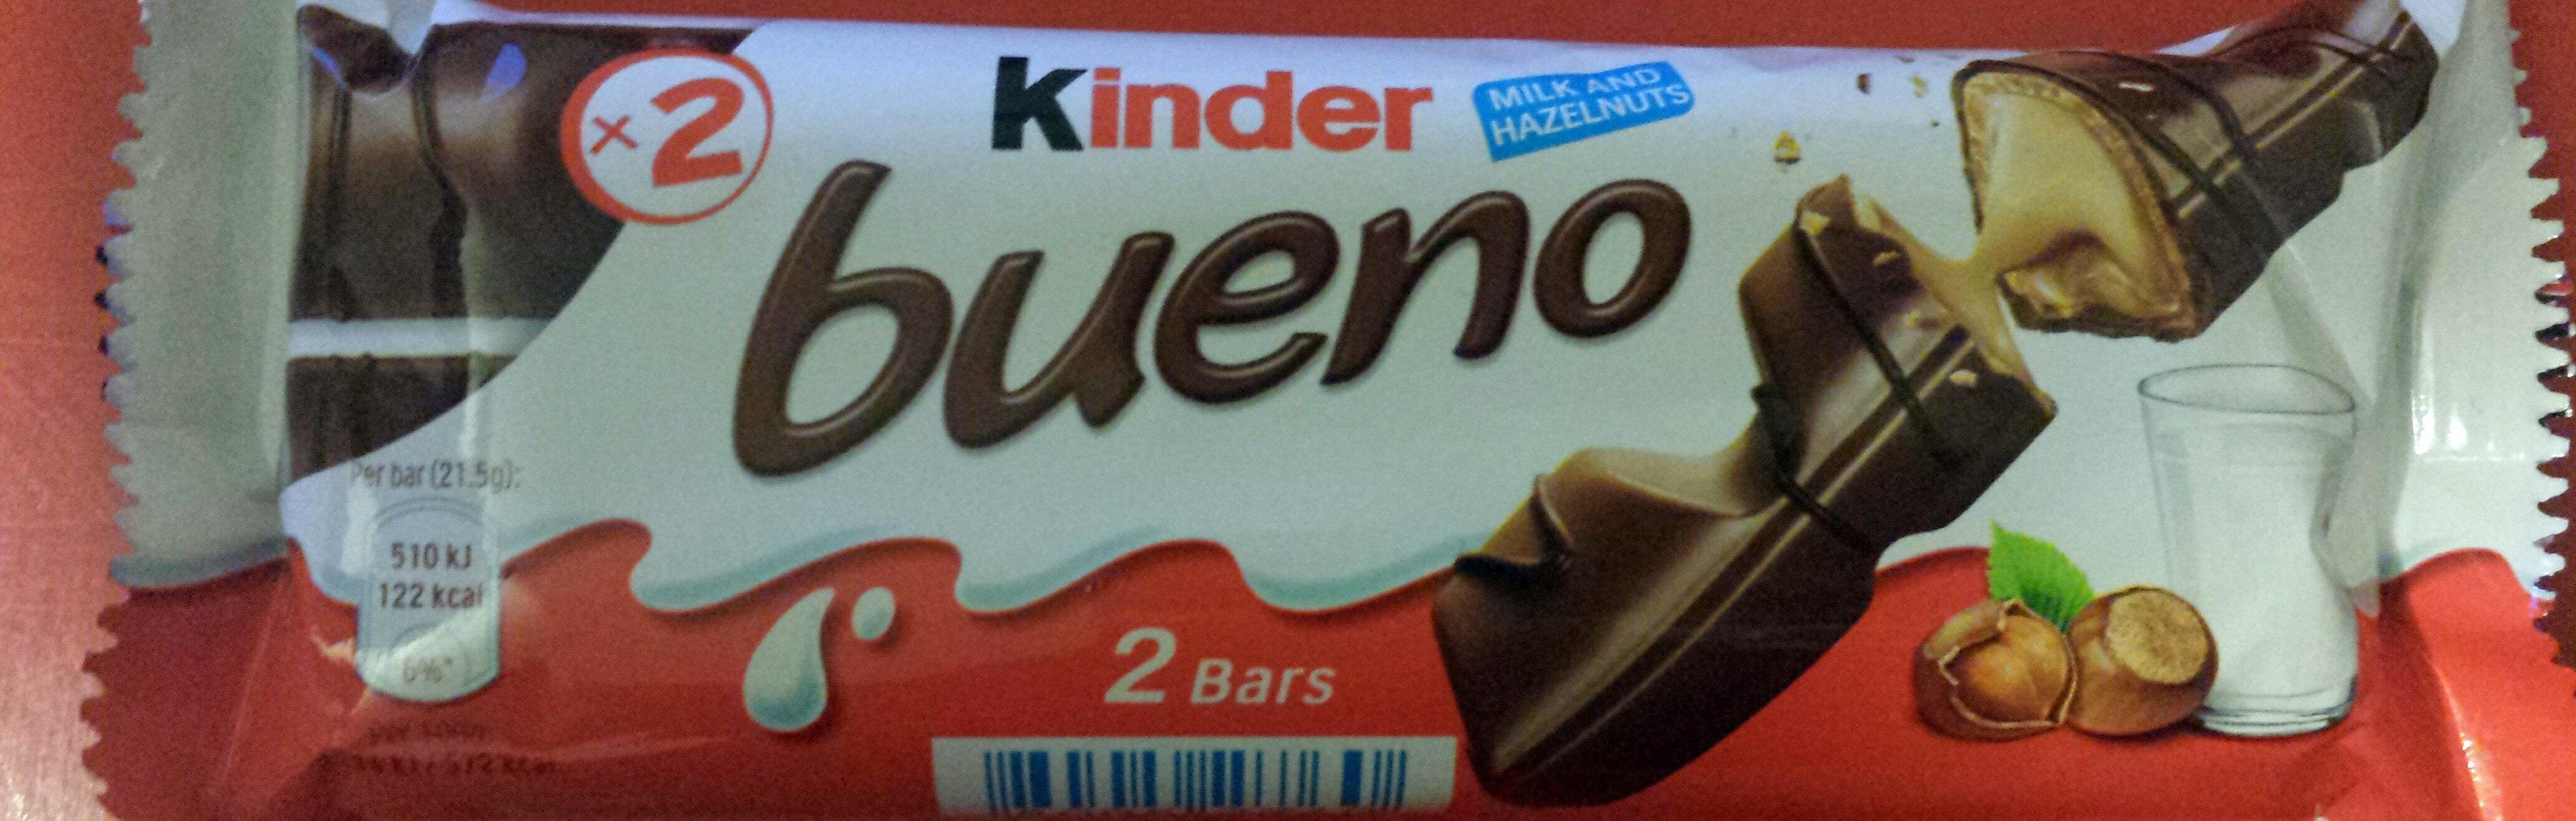 Kinder Bueno - Produkt - pl